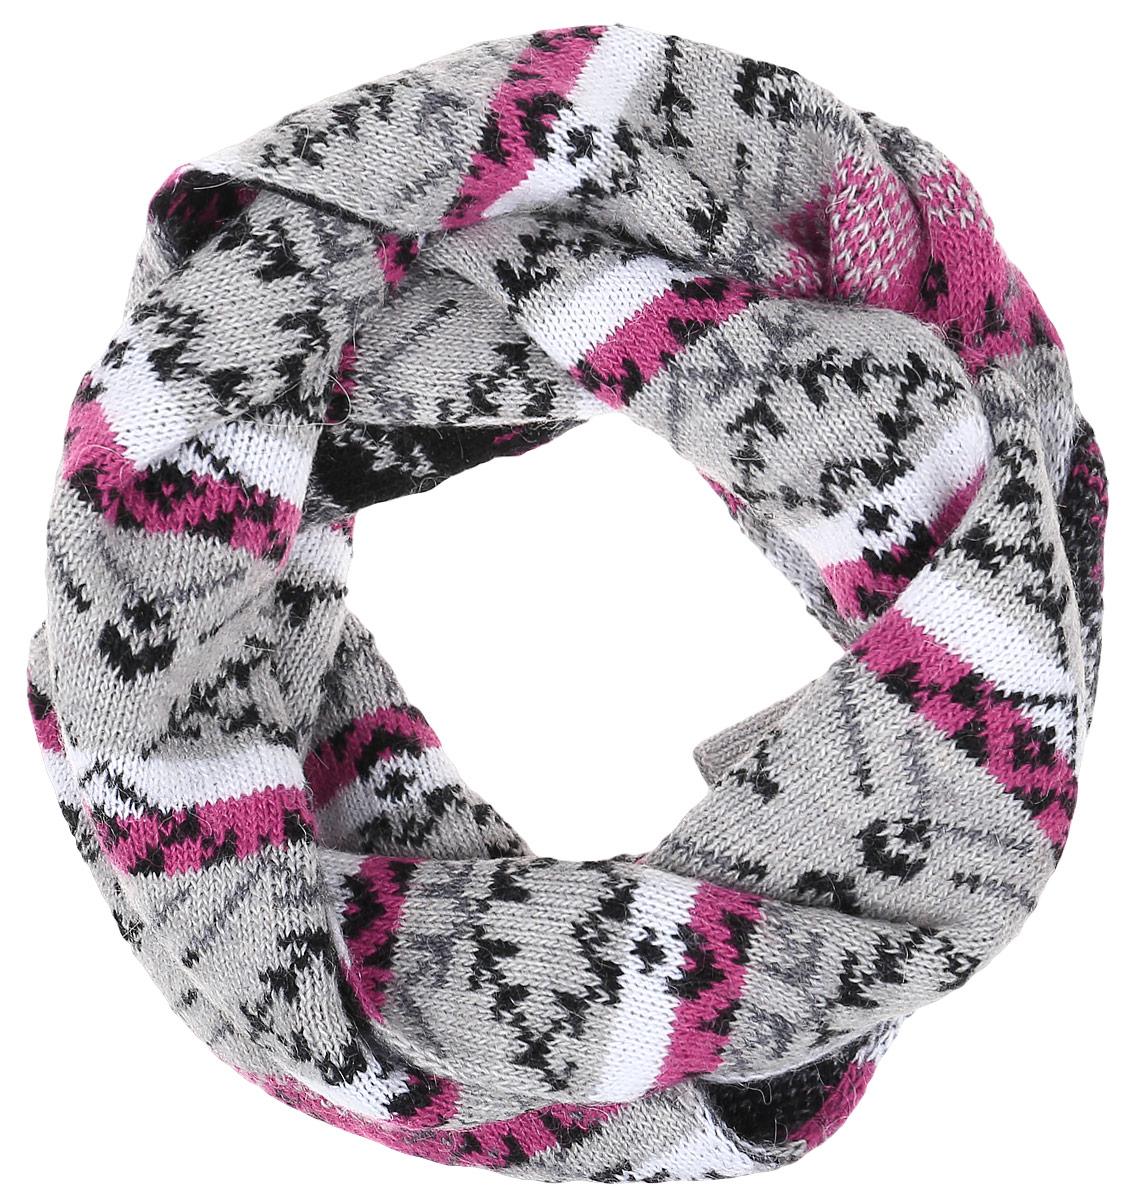 ШарфW16-12122_201Теплый женский шарф Finn Flare станет достойным завершением вашего образа. Шарф изготовлен из сочетания высококачественных материалов. Модель оформлена контрастным принтом с узорами.